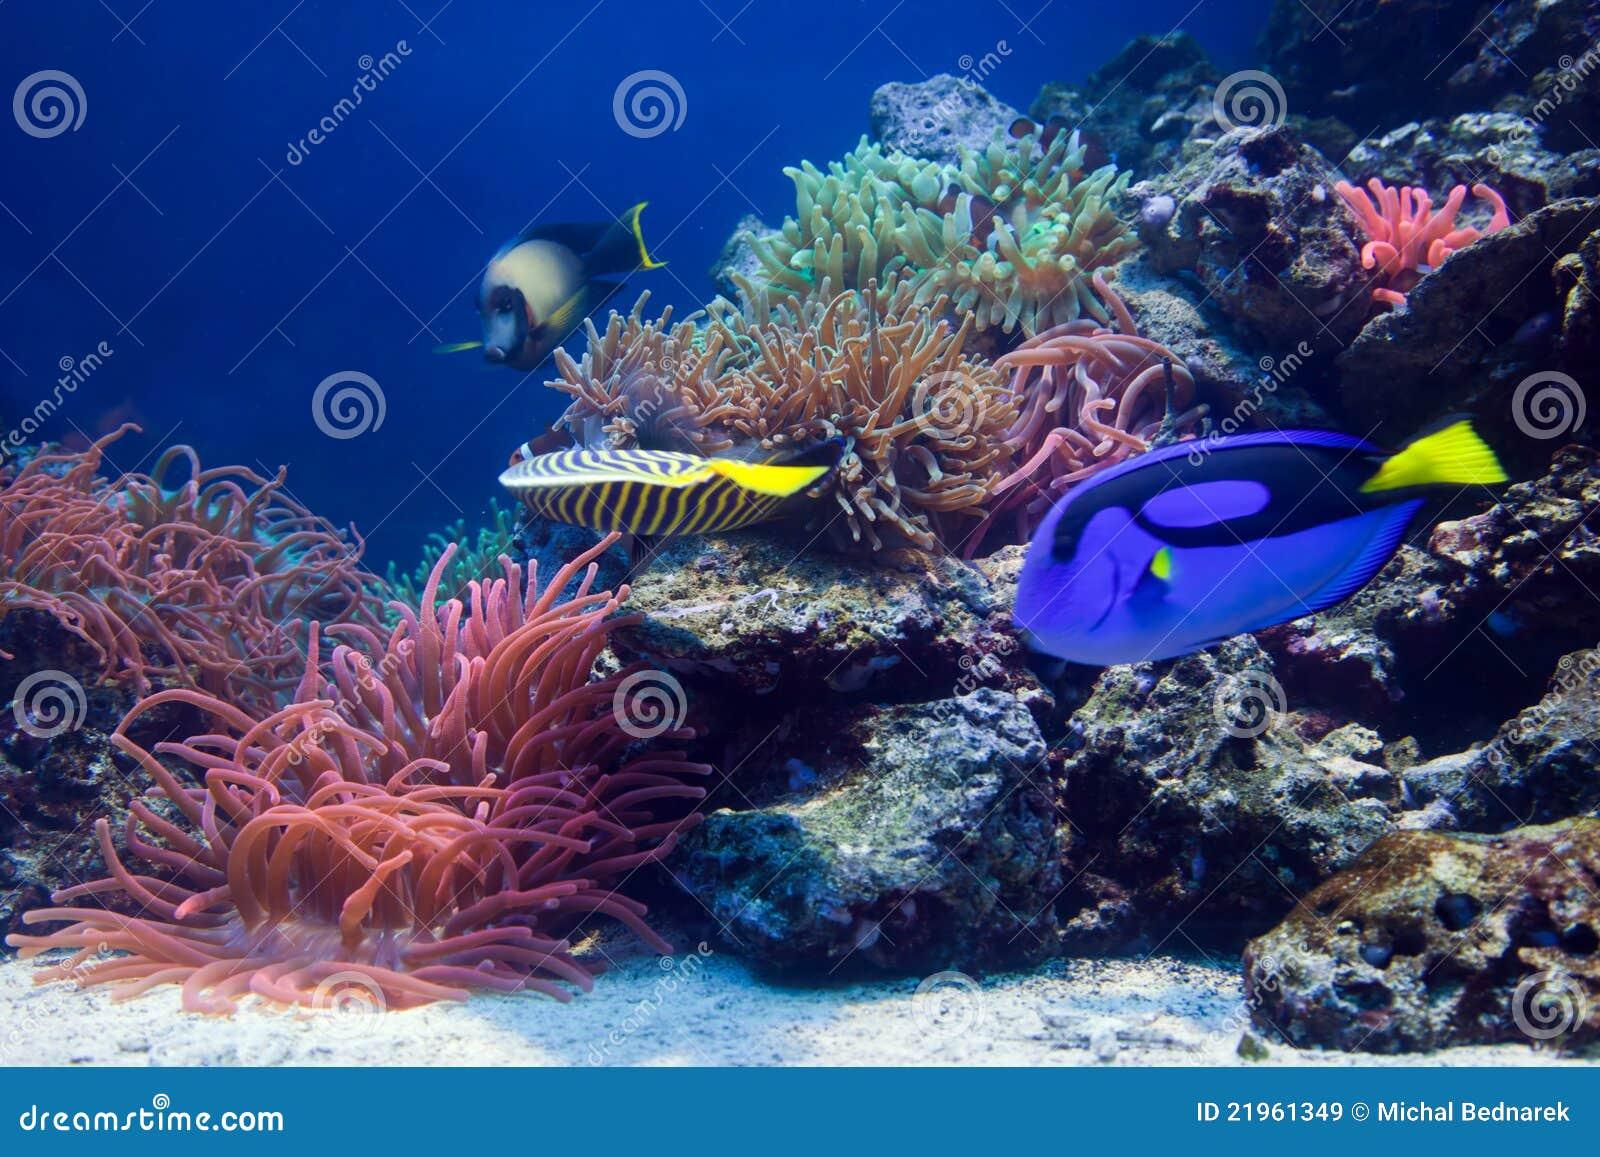 Vida subaquática, peixe, recife coral